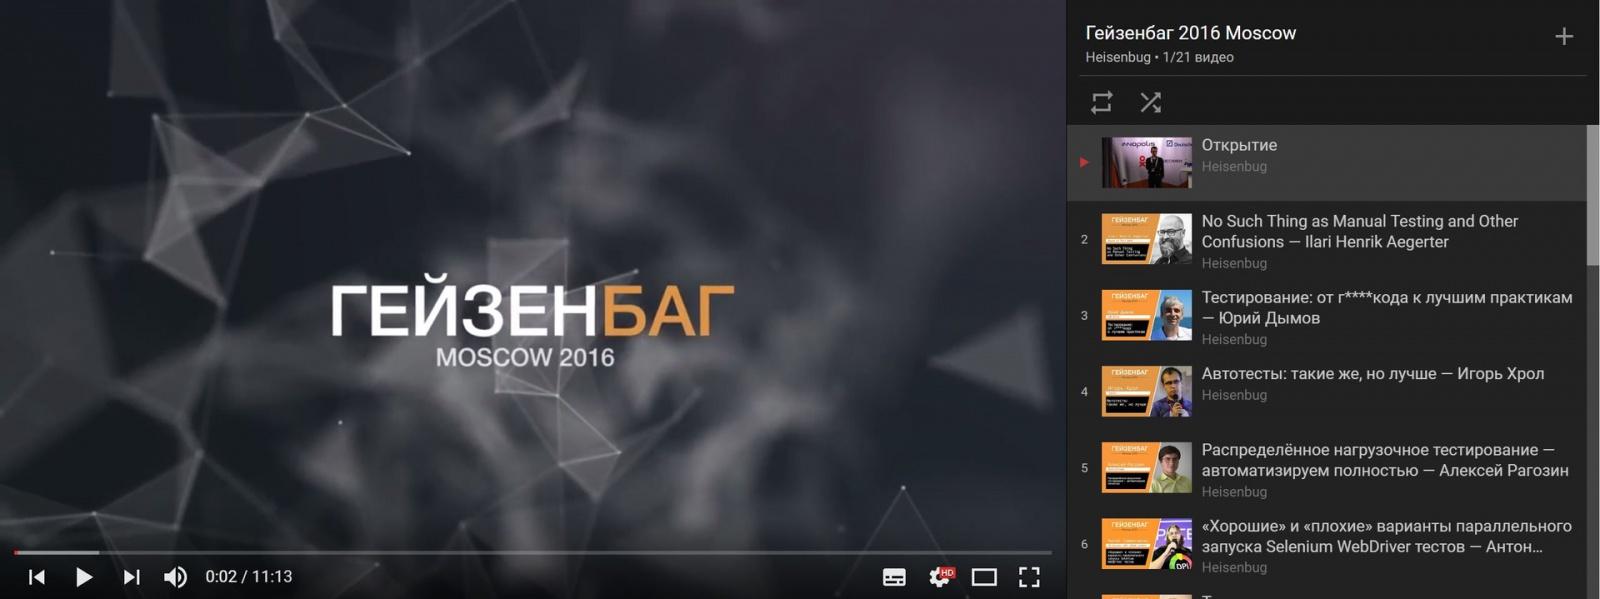 Топ-10 докладов конференции Гейзенбаг 2016 Moscow - 1